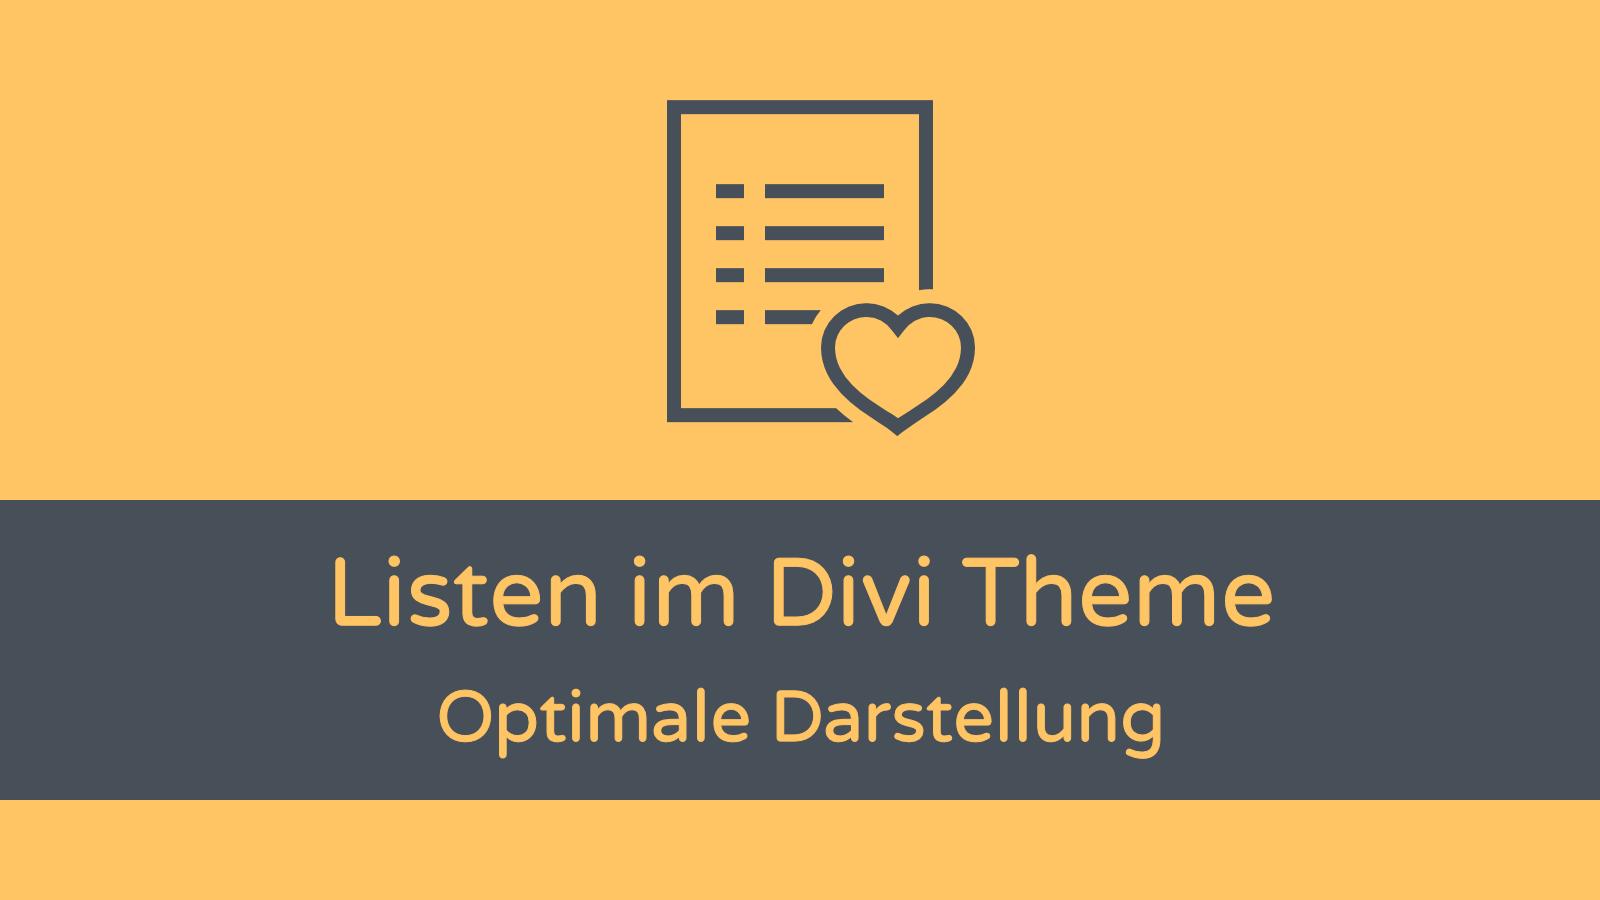 Divi Theme Listen Darstellung Problem